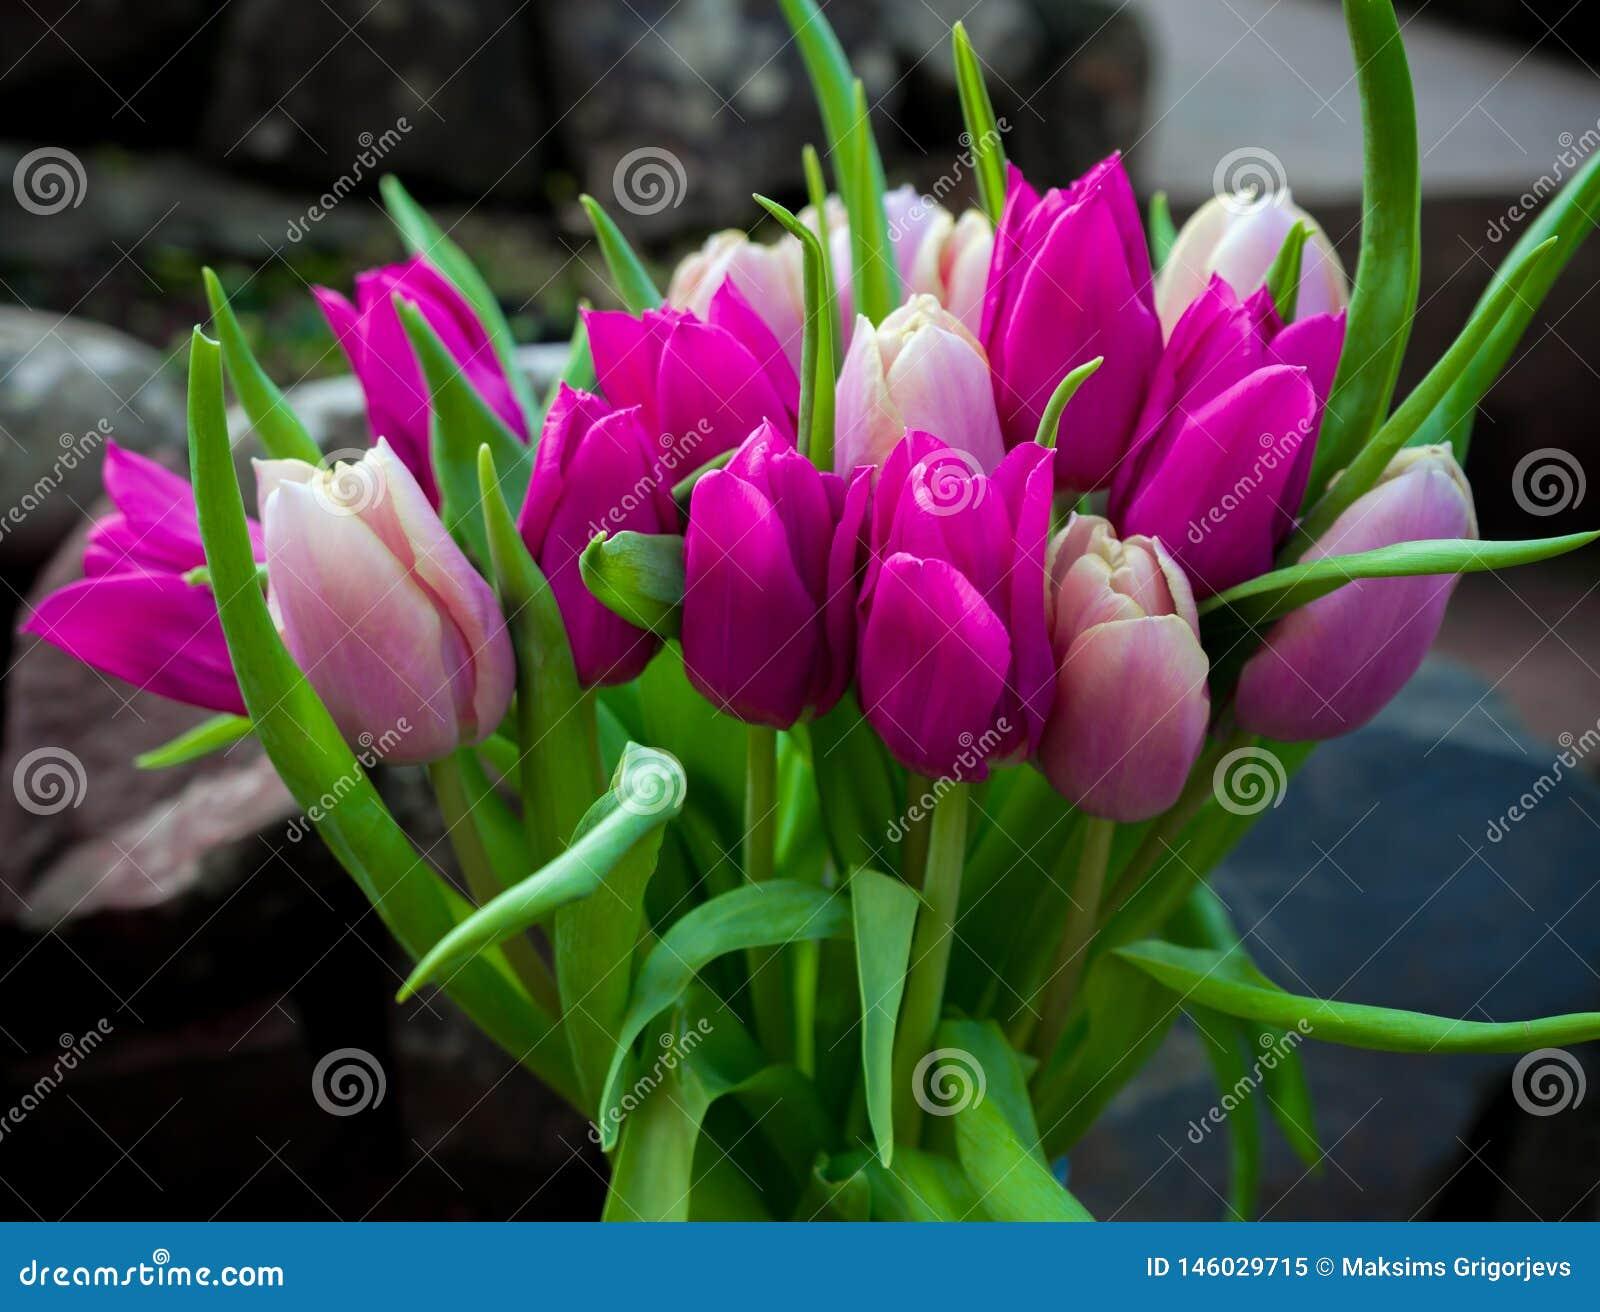 De mooie roze en purpere bloemen van het tulpenboeket